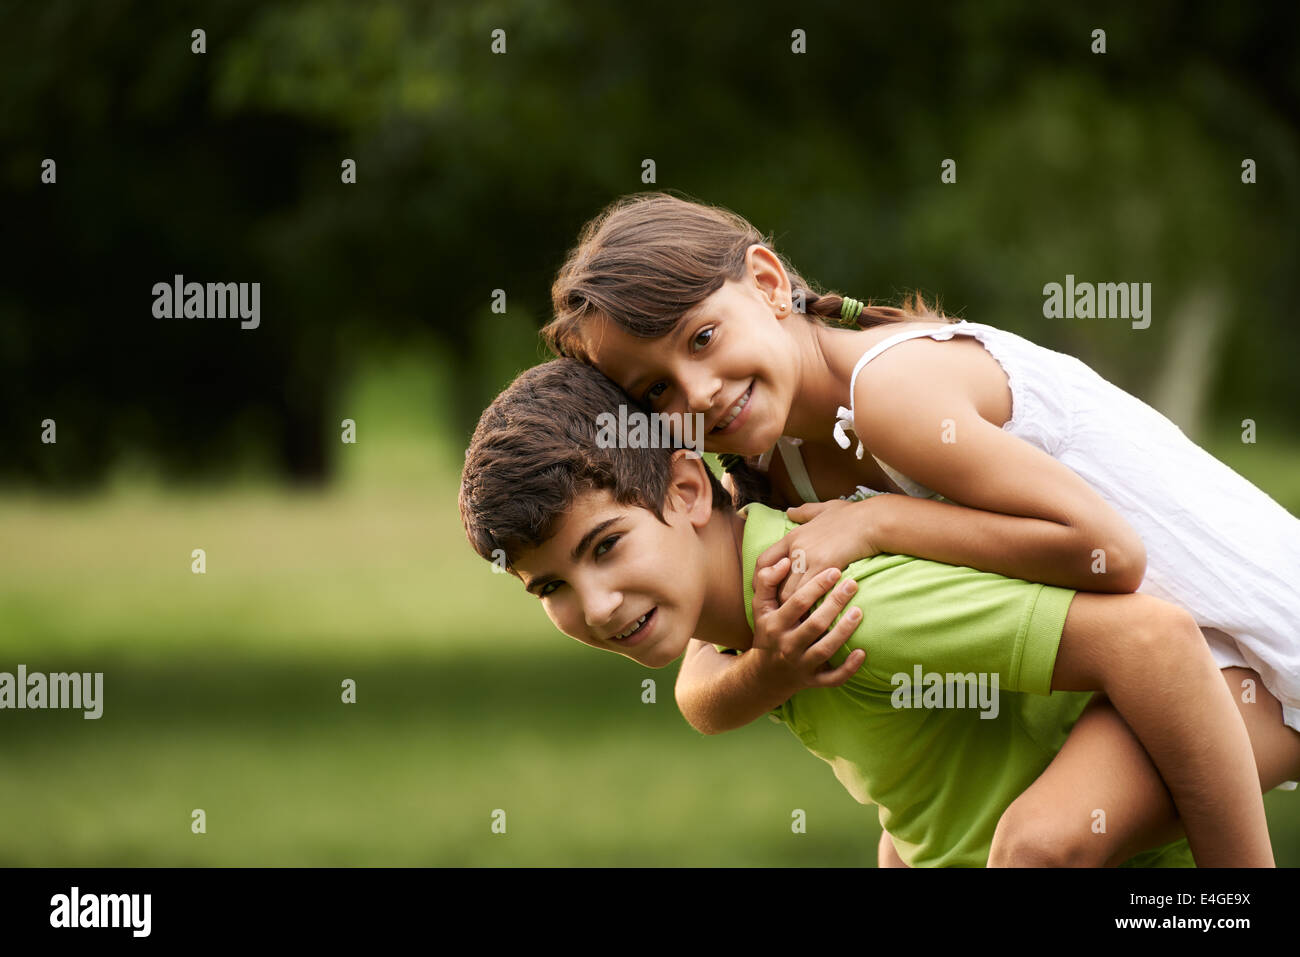 La gente en amor con feliz niña y niño corriendo piggyback en City Park. Espacio de copia Imagen De Stock